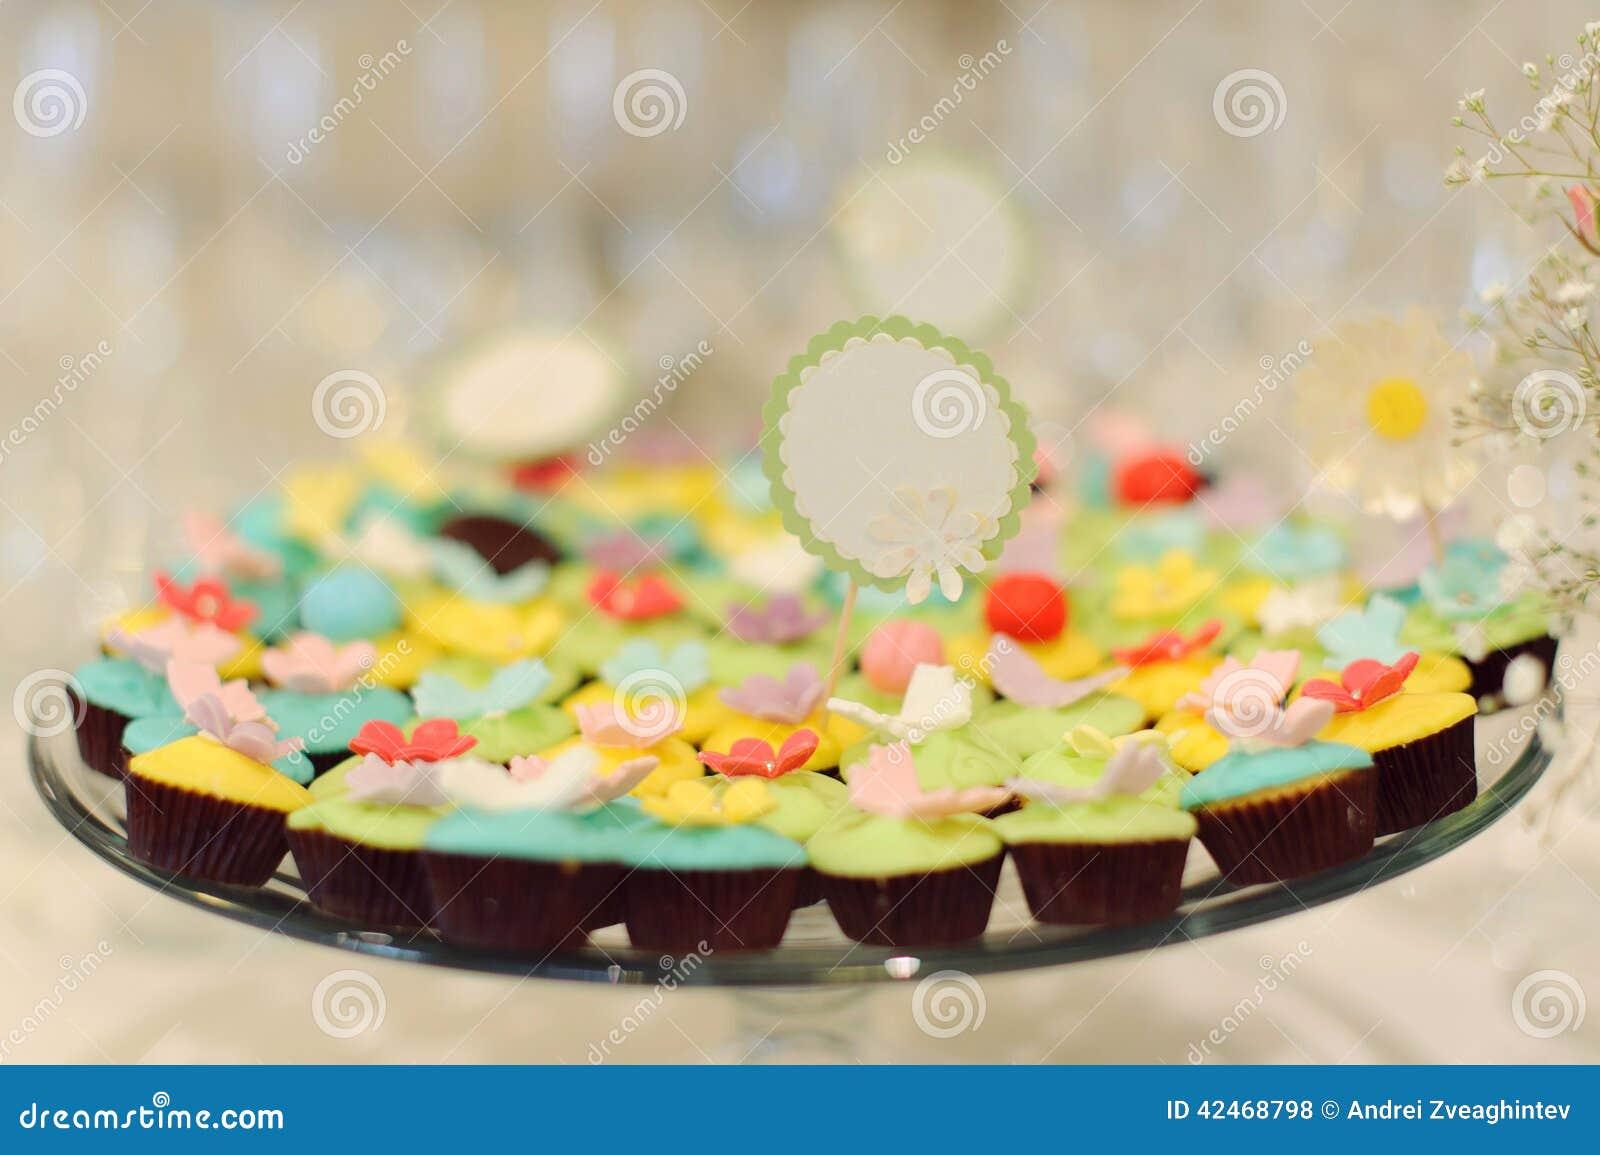 Muffins auf Behälter